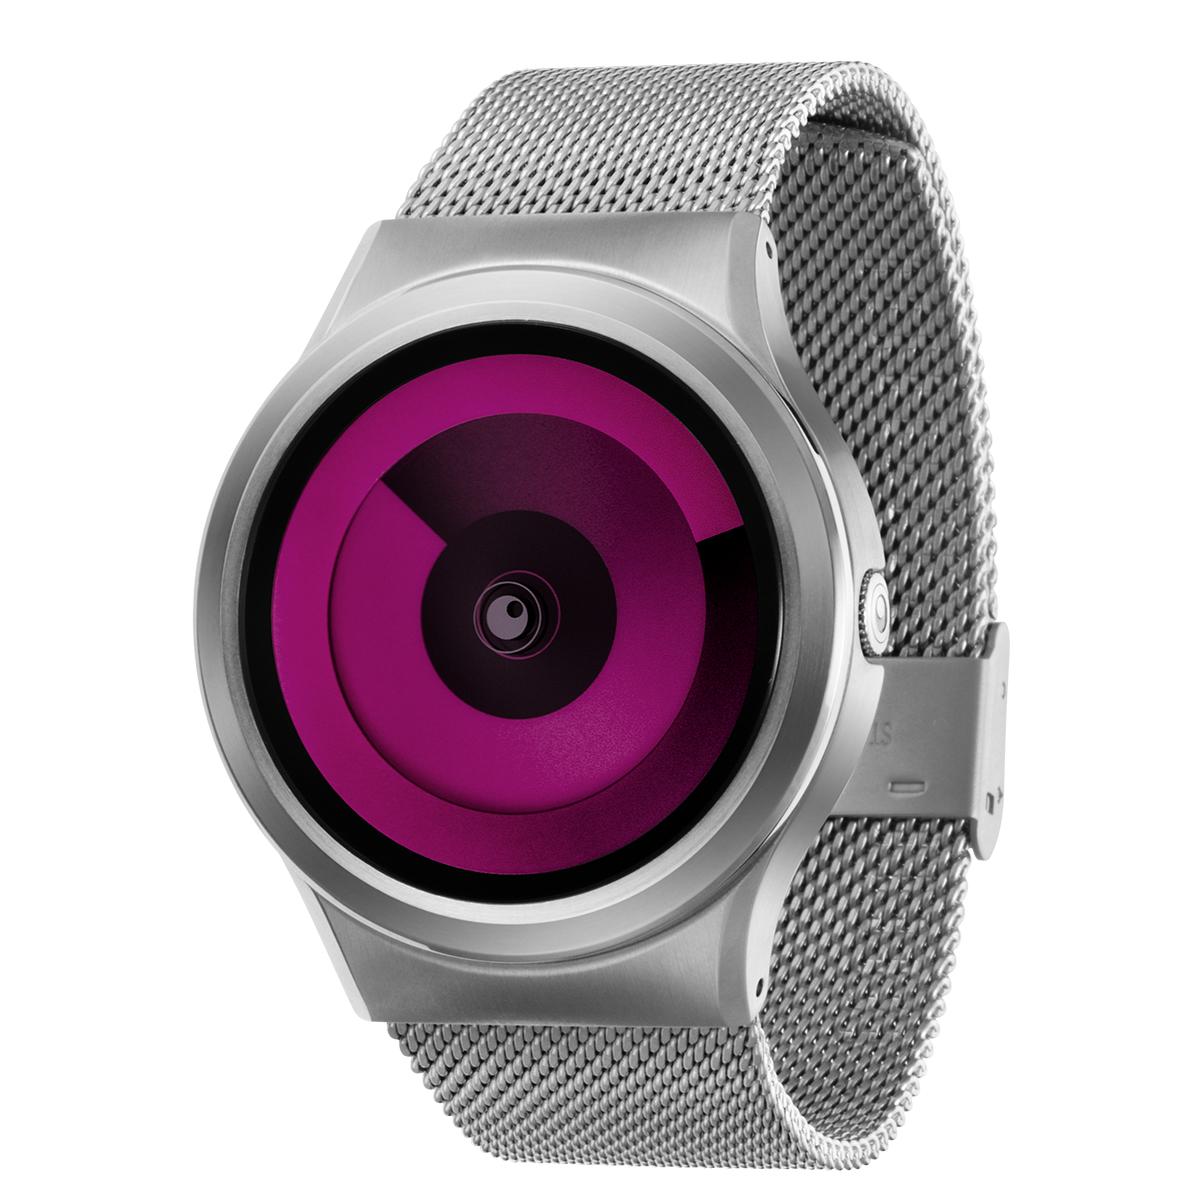 ファッションウォッチ デザインウォッチ 休み 5ATM メーカー保障12ヶ月 ベルト調整用工具 LOGO入りクロス 取扱説明書 ZIIIROとは関係ありません ZEROOTIME ゼロタイム ZEROO SPIRAL レディース デザイナーズ マゼンタ ペア用 腕時計 ゼロ おしゃれ時計 割引 W06017B01SM01 GALAXY メンズ 電池式クォーツ ユニセックス